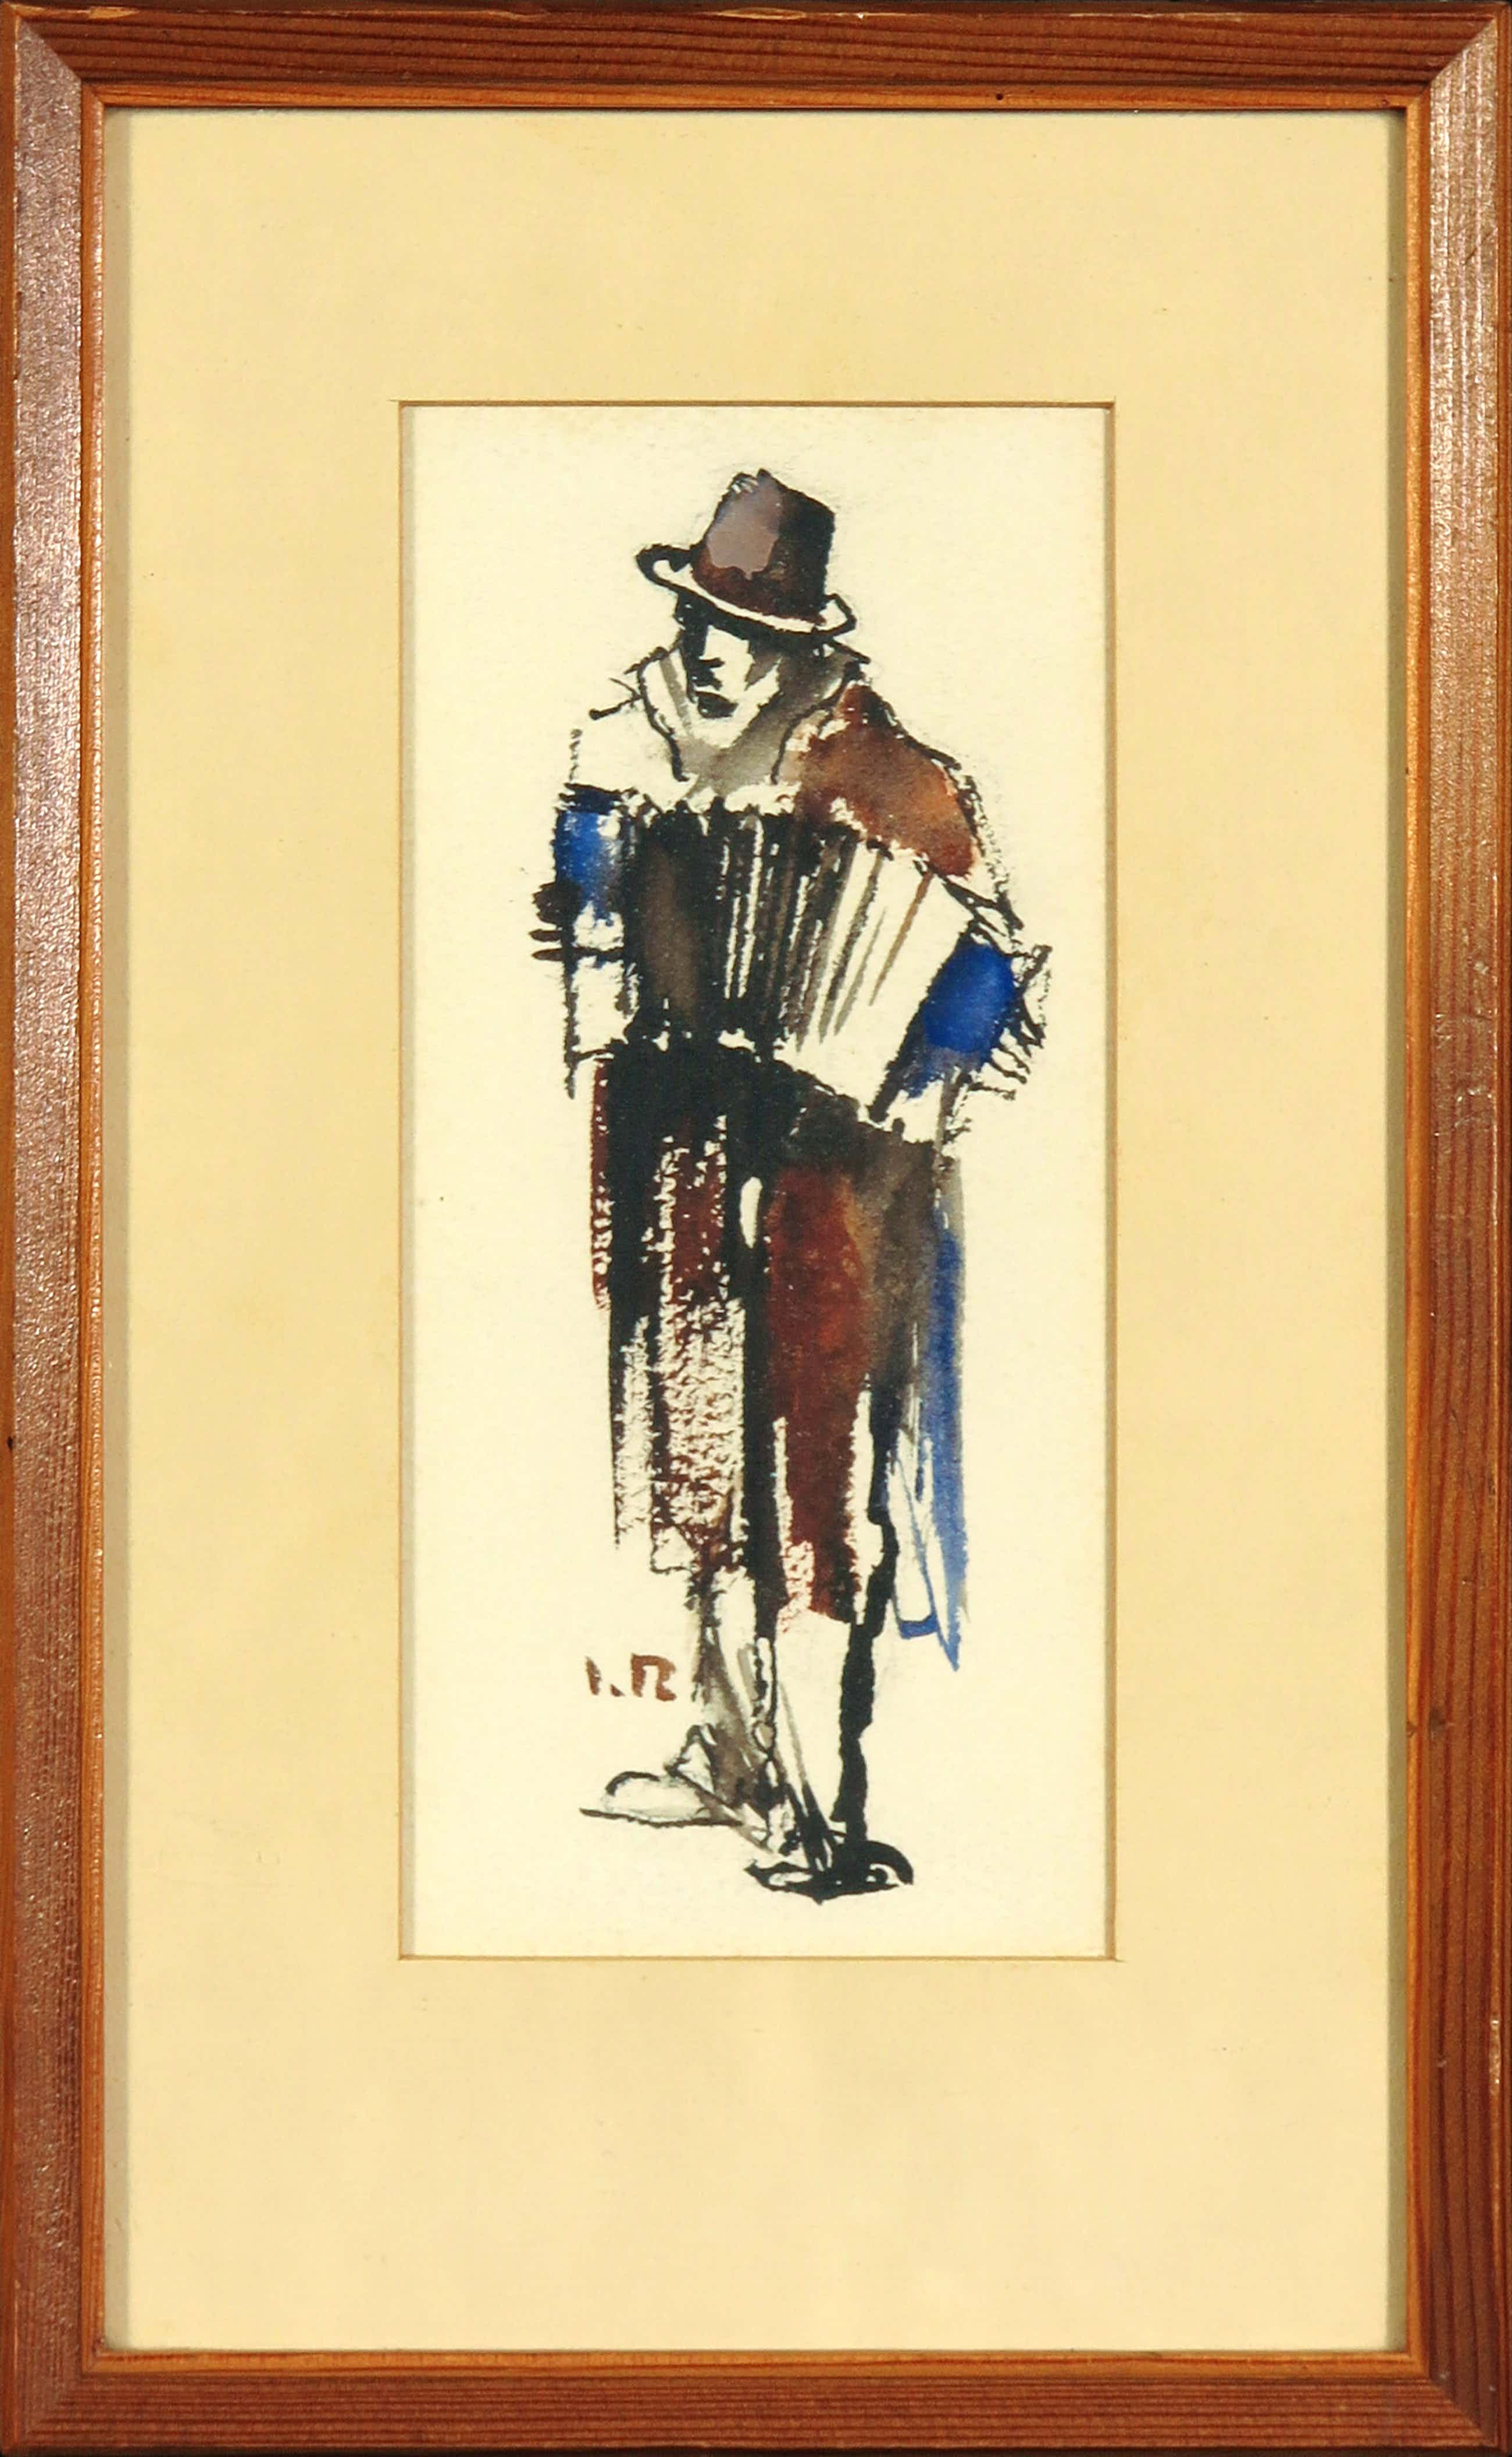 Jan Rijlaarsdam - Inkttekening en aquarel, Man met accordeon - Ingelijst kopen? Bied vanaf 100!